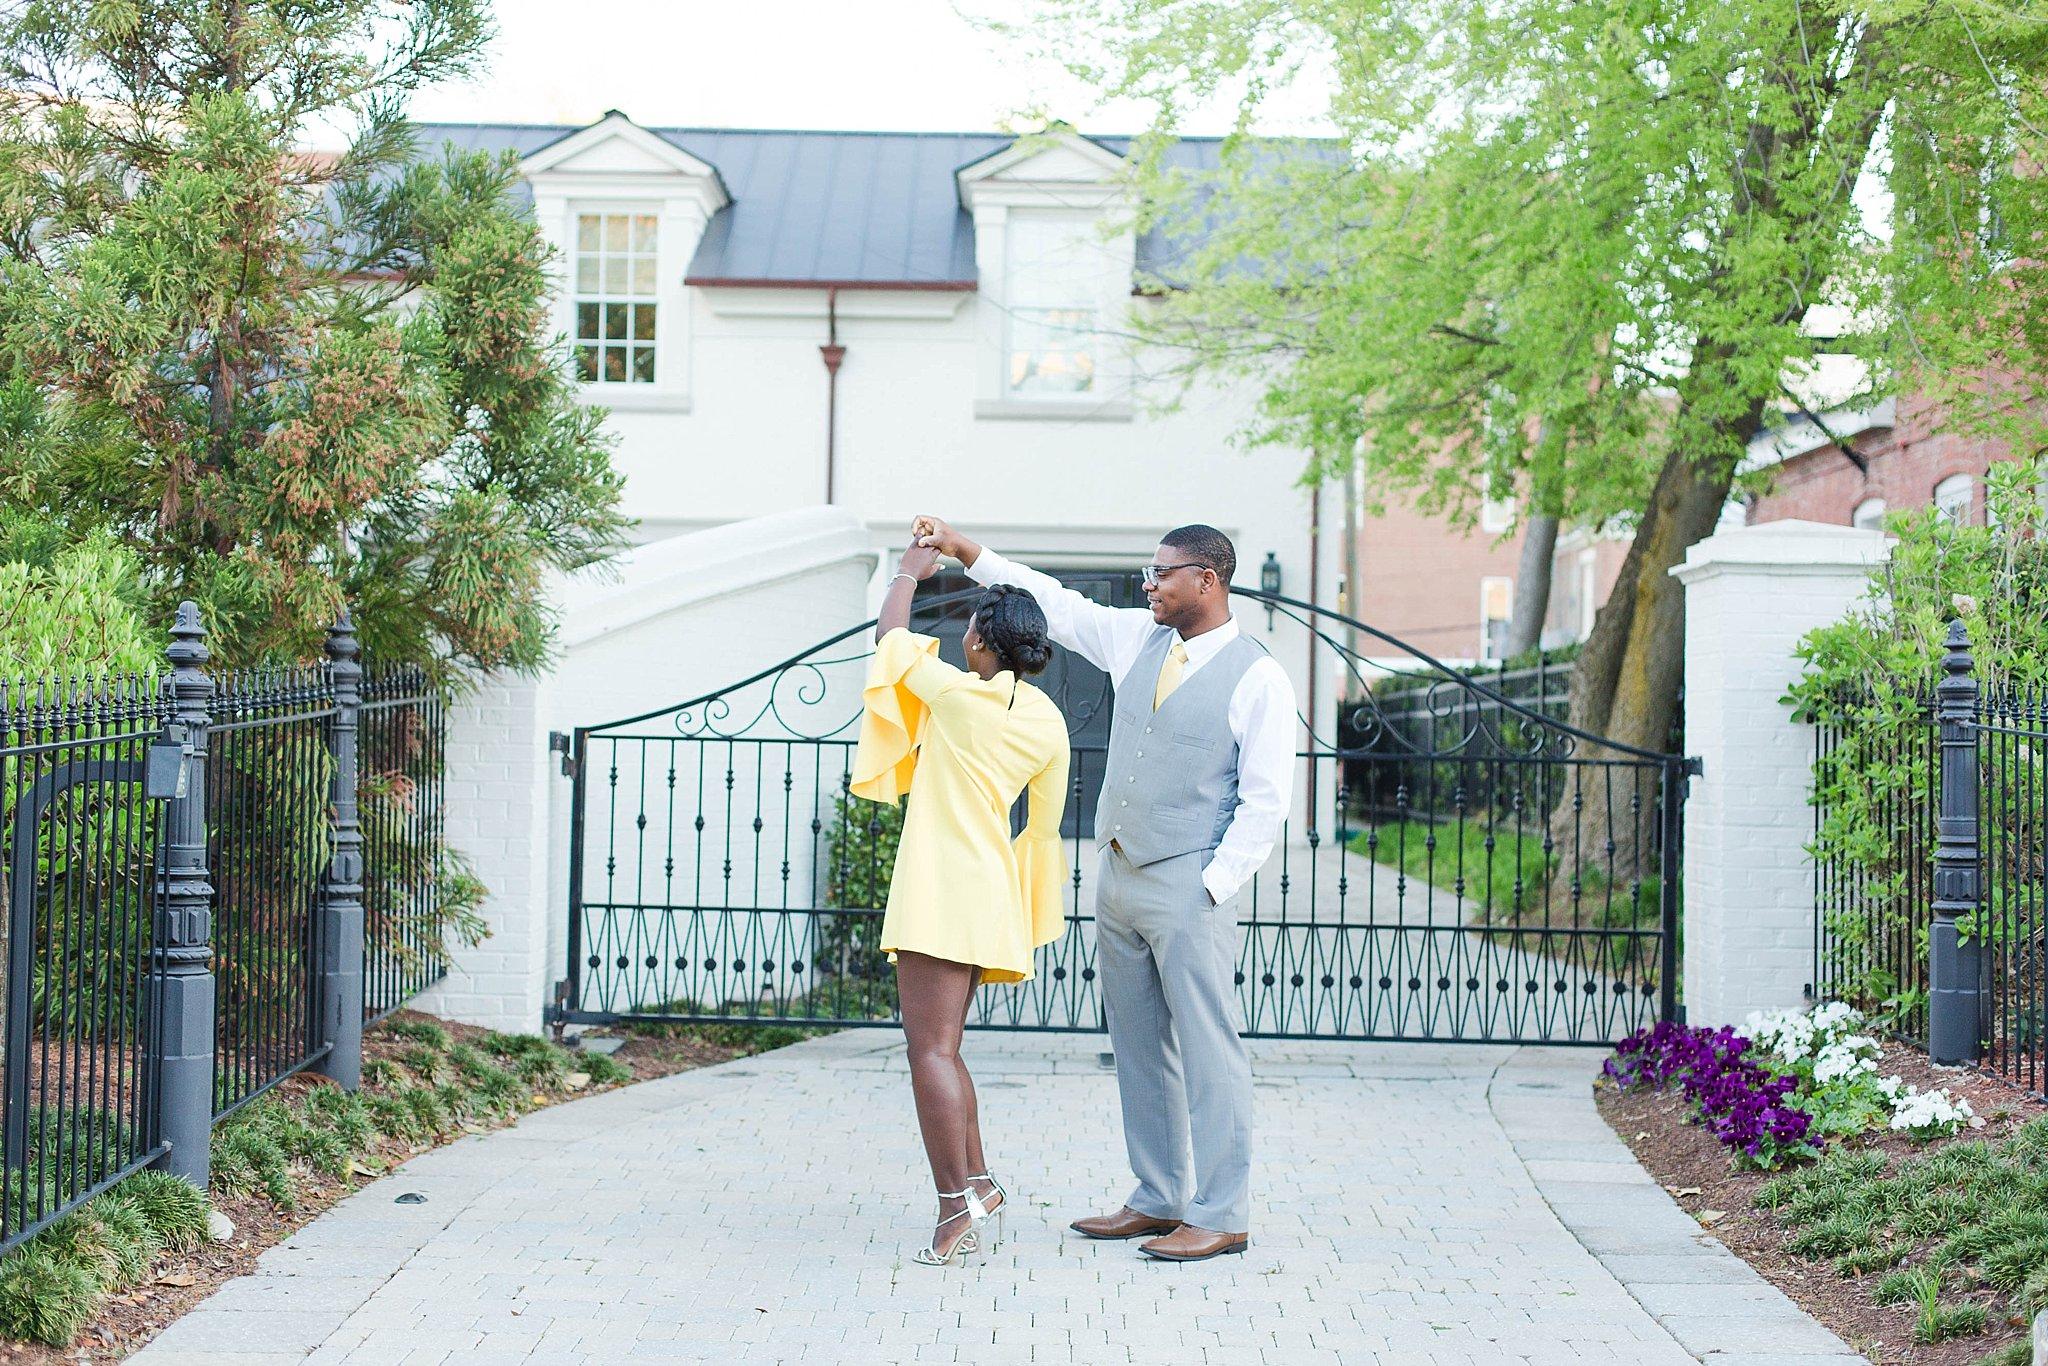 hope-taylor-workshop-marie-antoinette-styled-wedding-shoot_0147.jpg